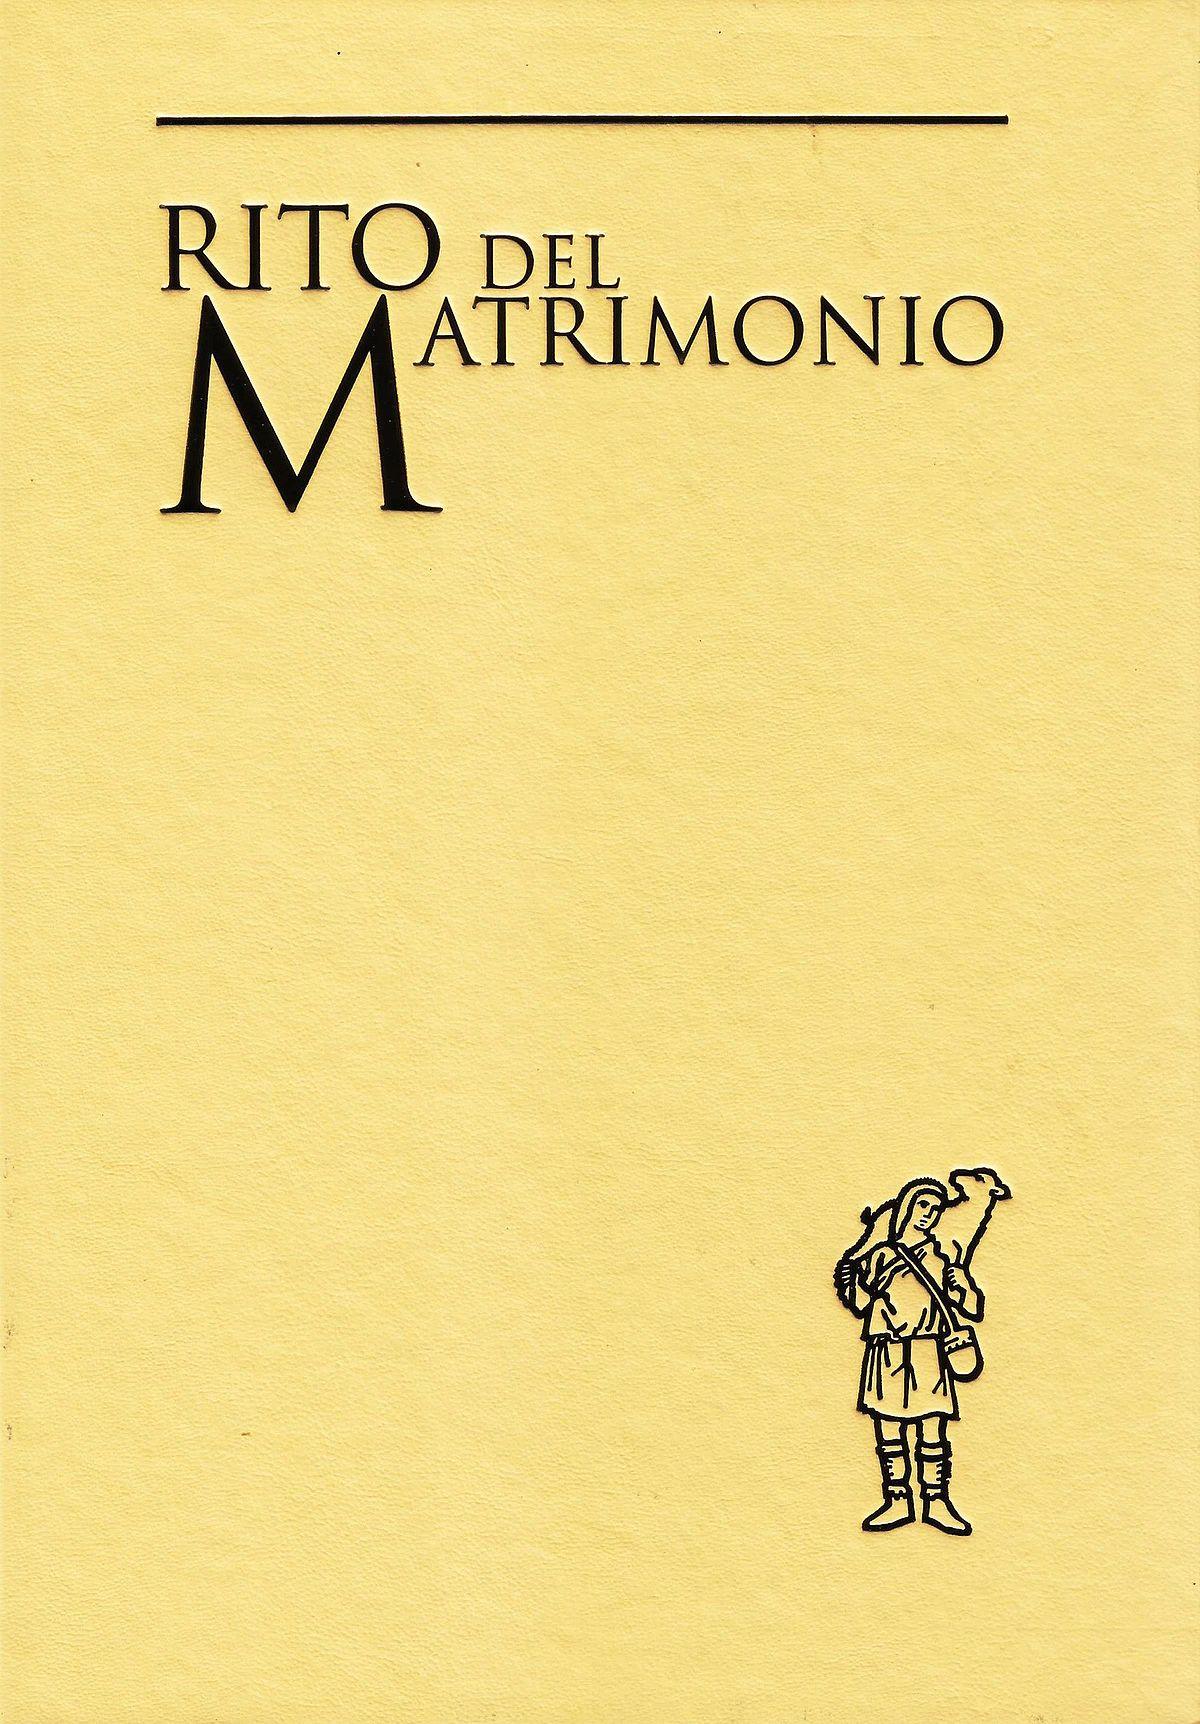 Matrimonio Diritto Romano Simone : Rito del matrimonio wikipedia